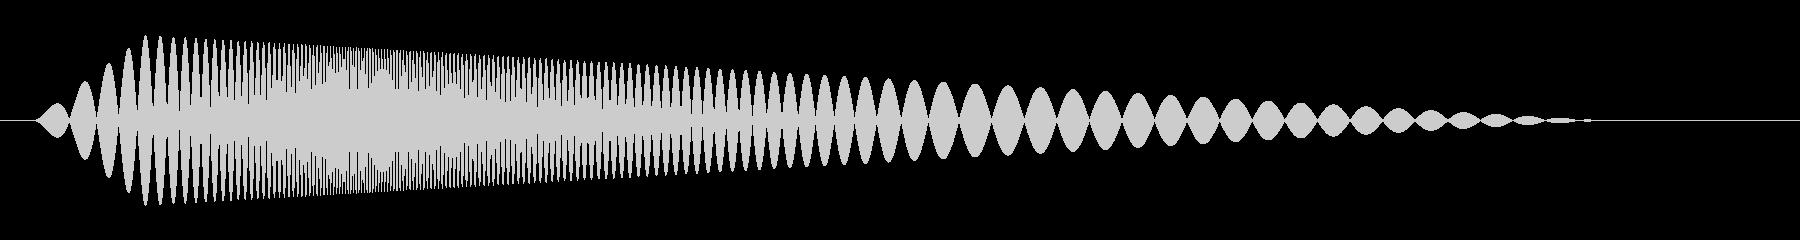 【コミカル】肉球・足音・スタンプ5の未再生の波形